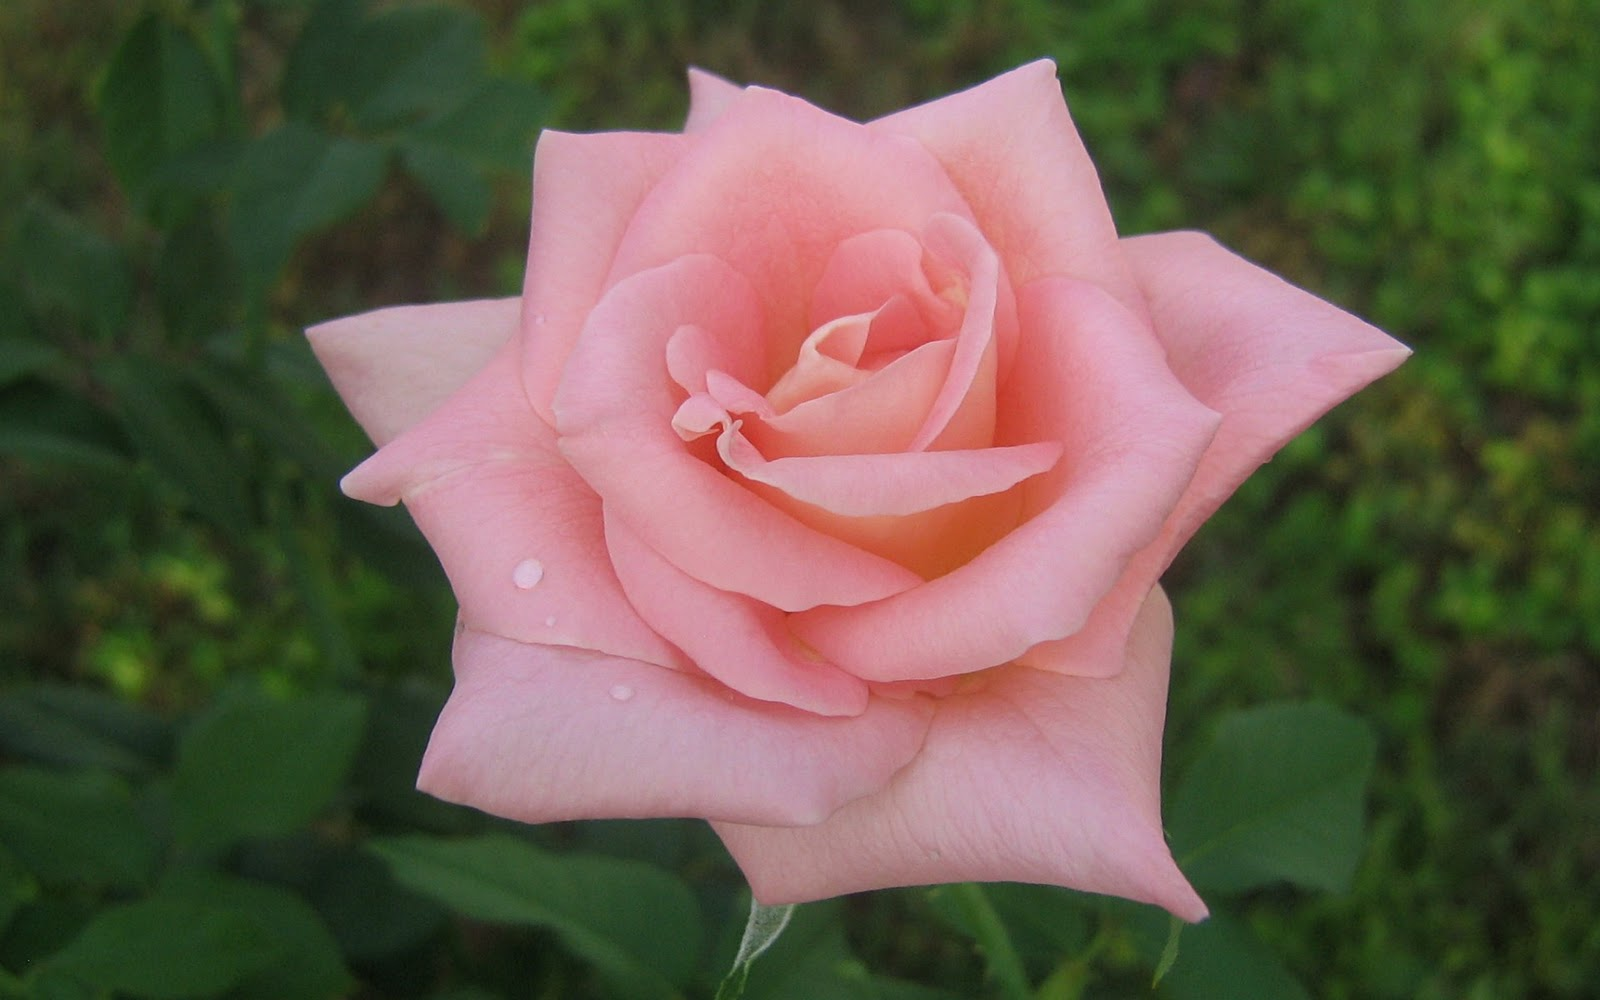 http://4.bp.blogspot.com/-npt70seOe2s/TvhgeQLJsdI/AAAAAAAAA7w/8Dp9-PpPLLA/s1600/windows-7-rose-wallpaper.jpg